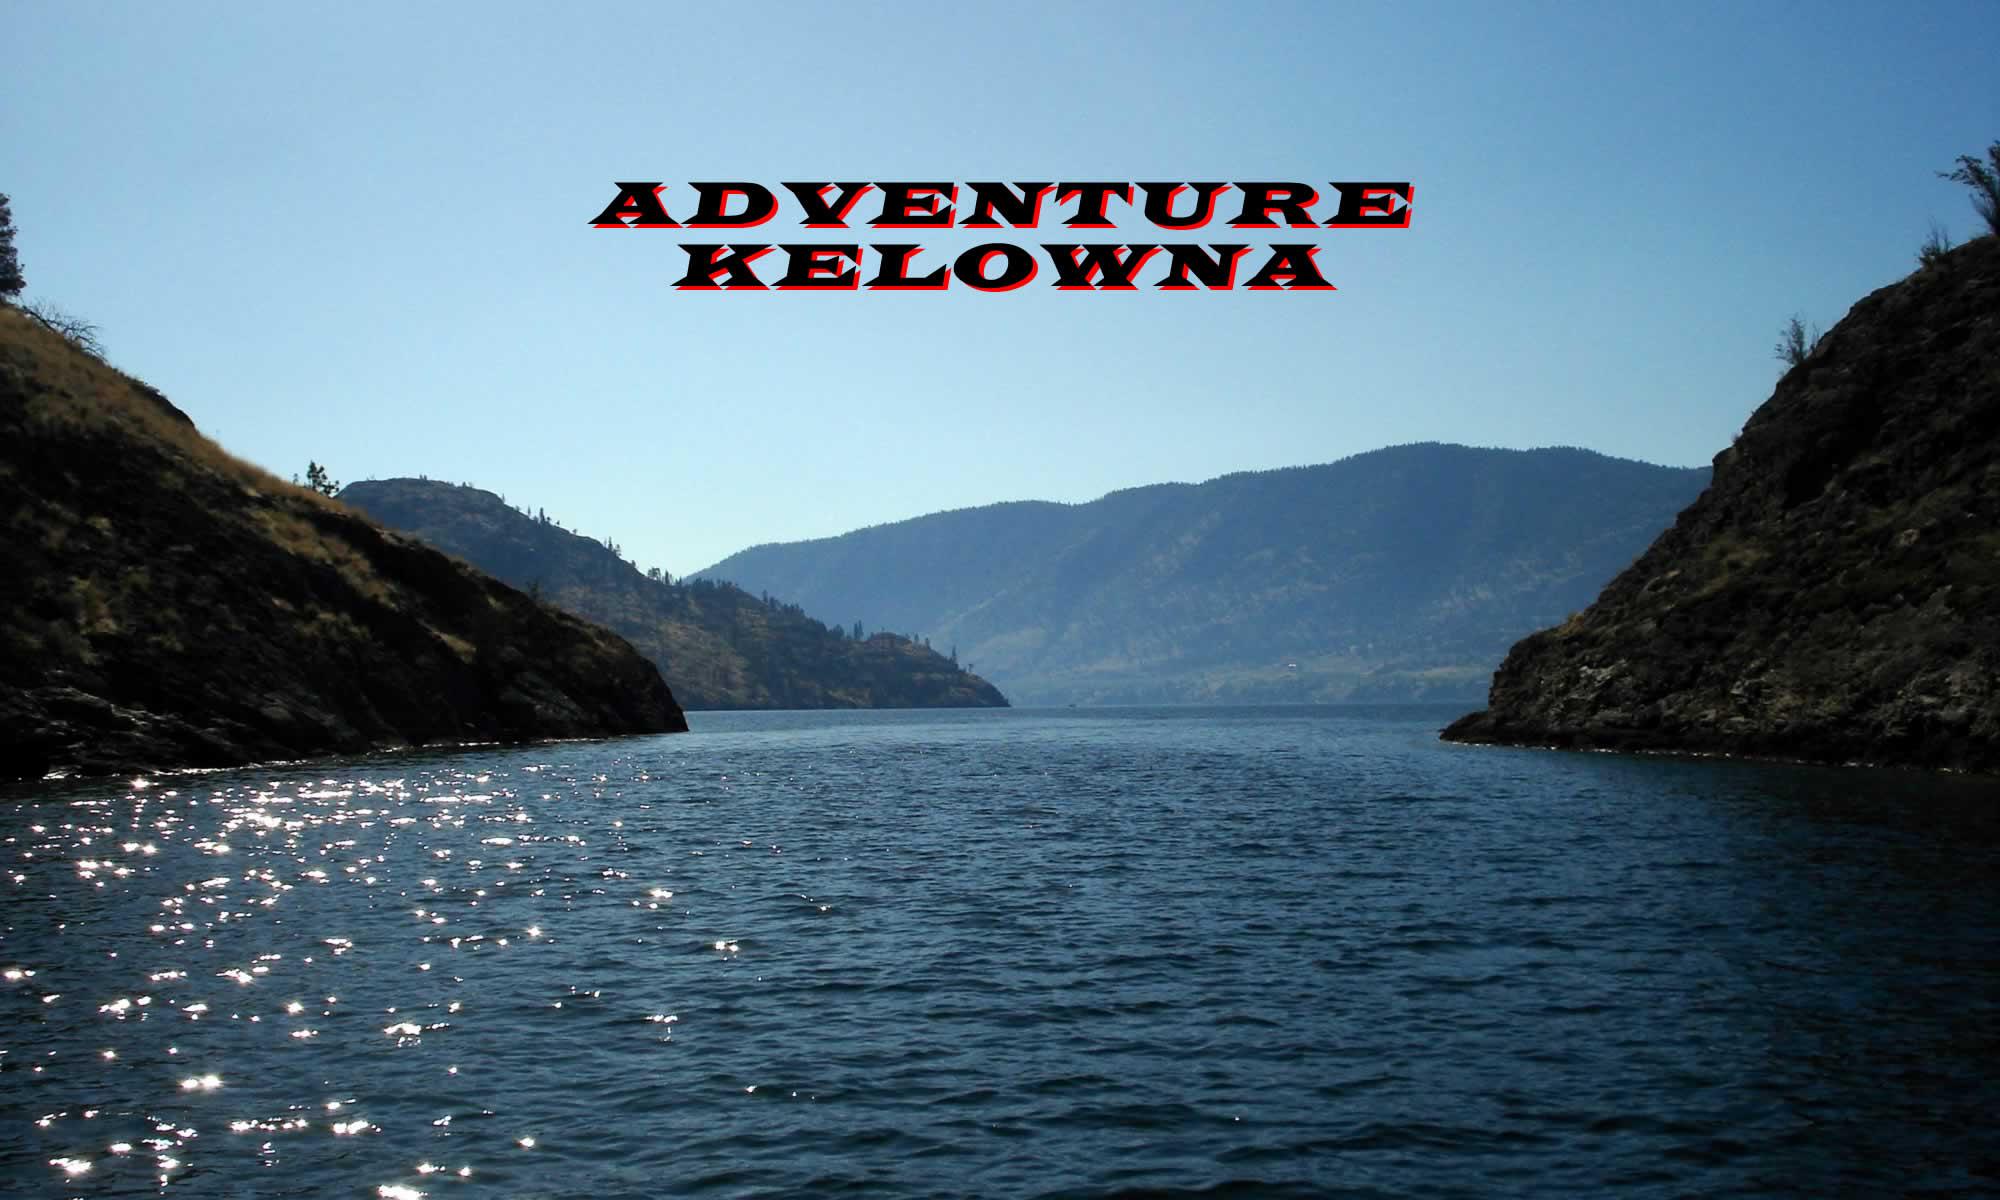 Adventure Kelowna